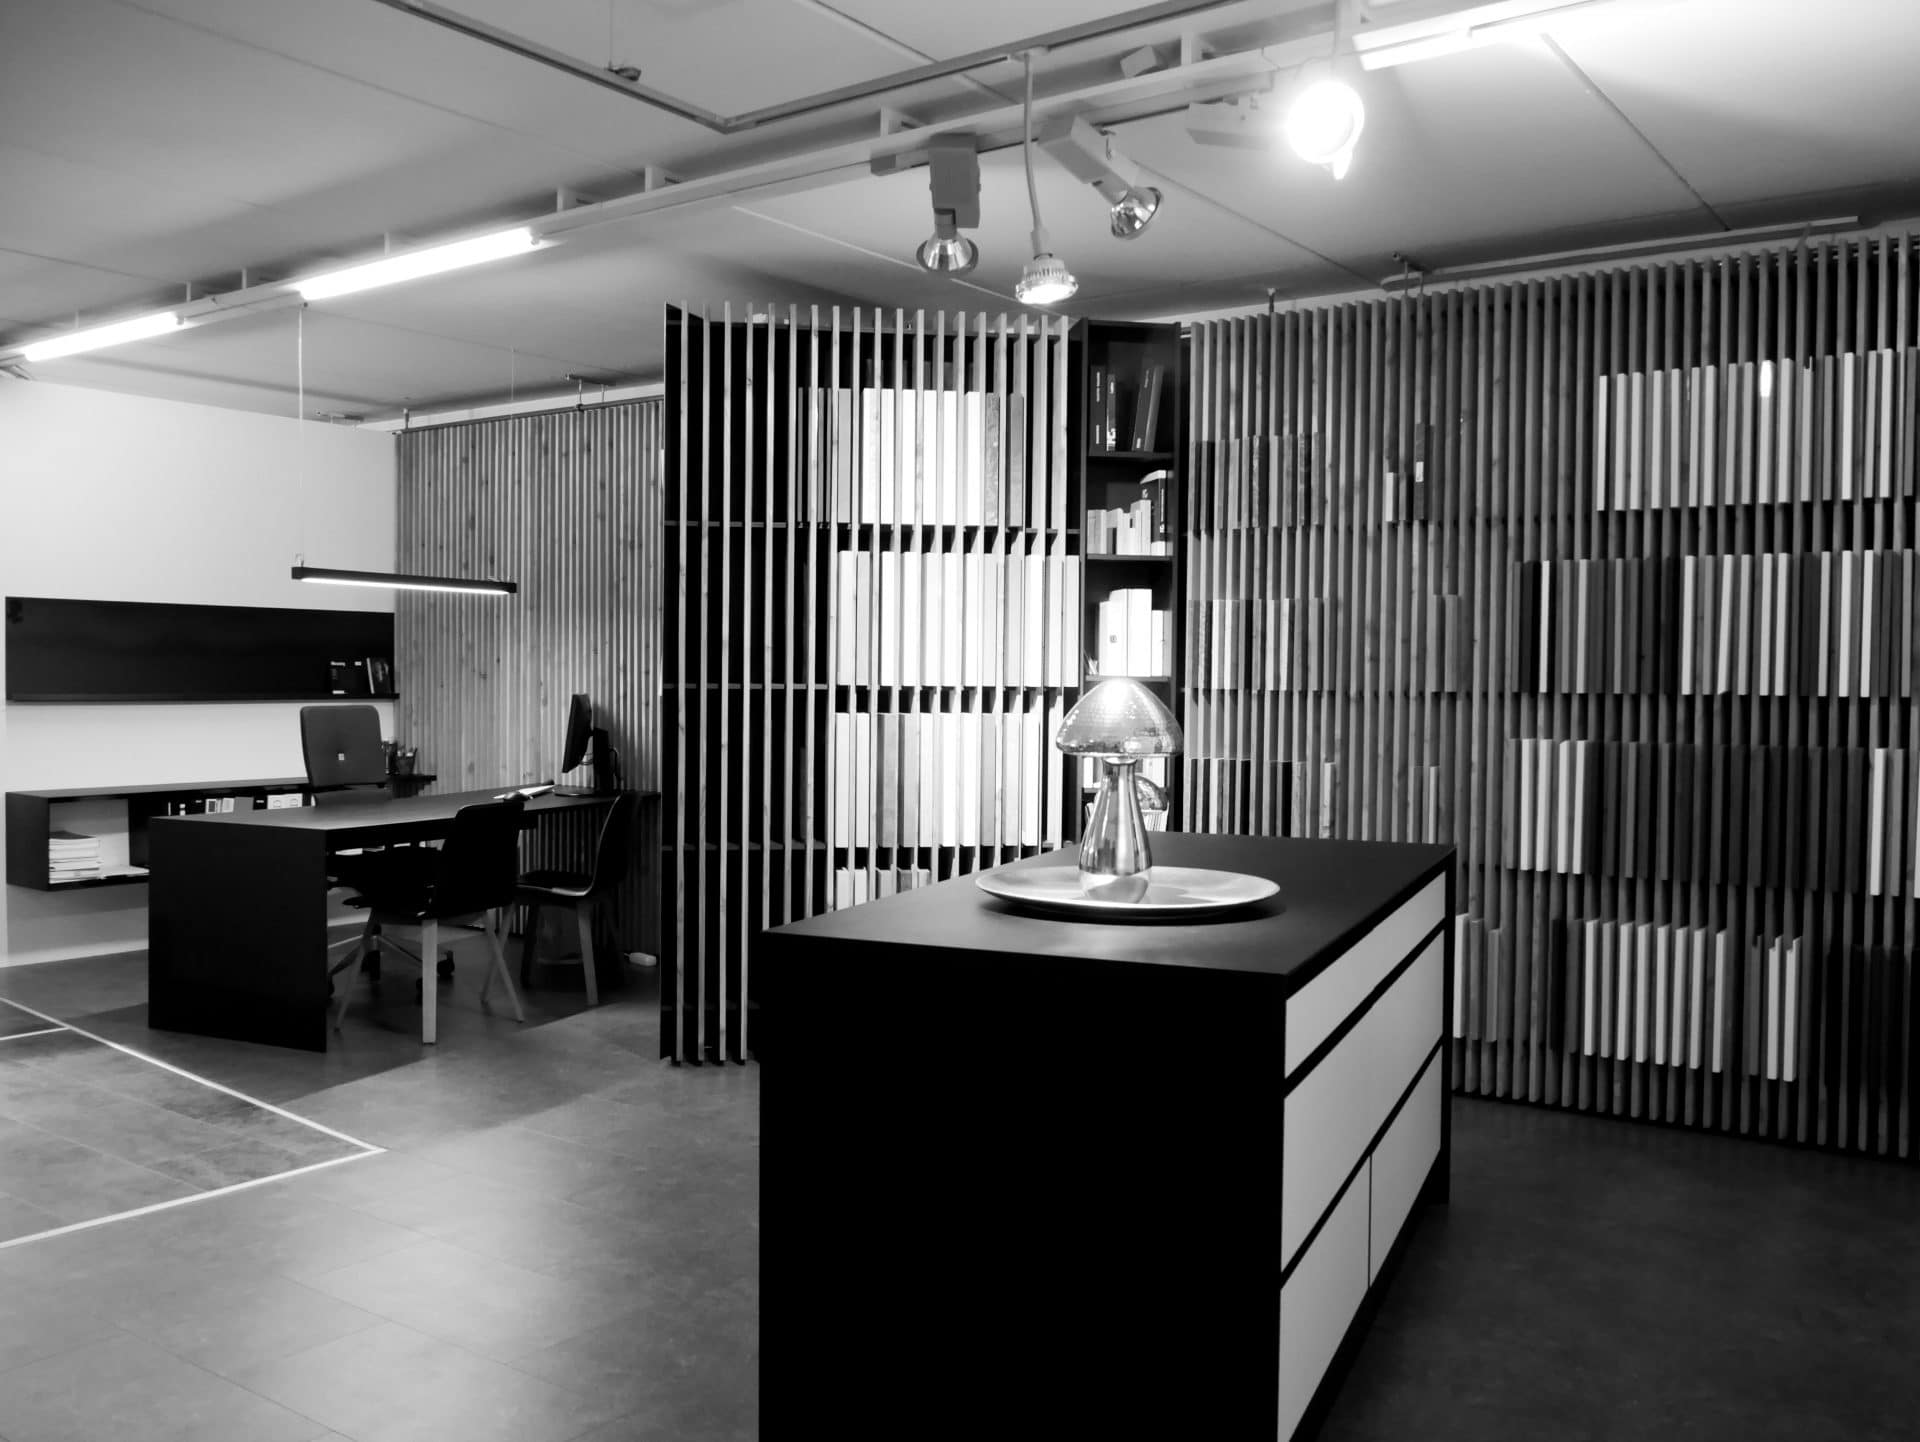 Showroom von Schreinerei und Planungsbüro VOIT in Reichertshausen, Besprechungsbereich mit Lammelenwand und einer Kommode im Vordergrund - Bild in schwarz-weiß